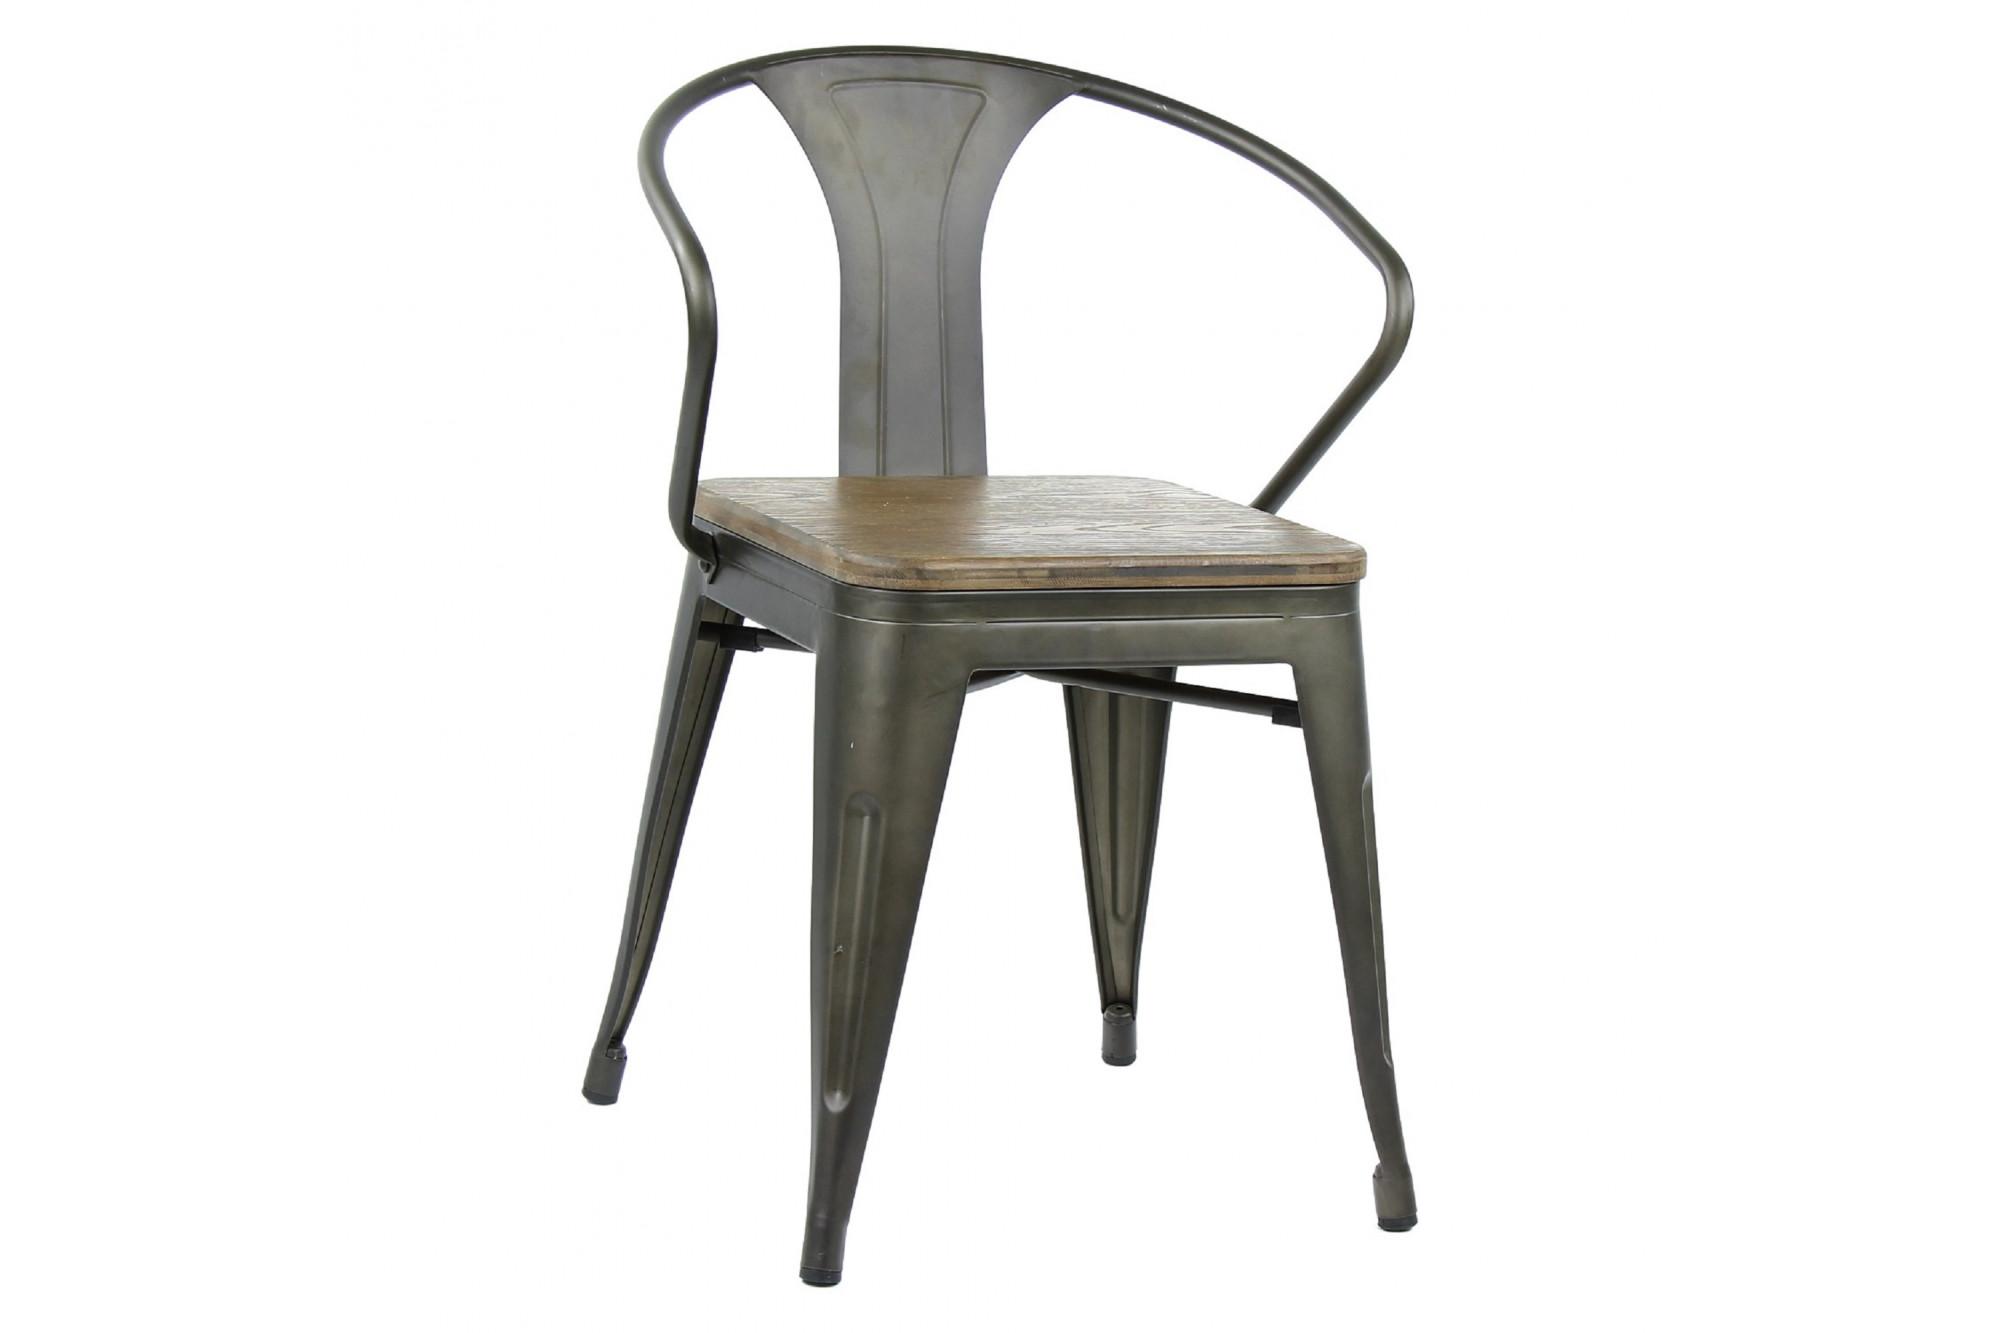 Chaise Bois Et Metal Industriel chaise fauteuil de style industriel : lot de 2 - hellin